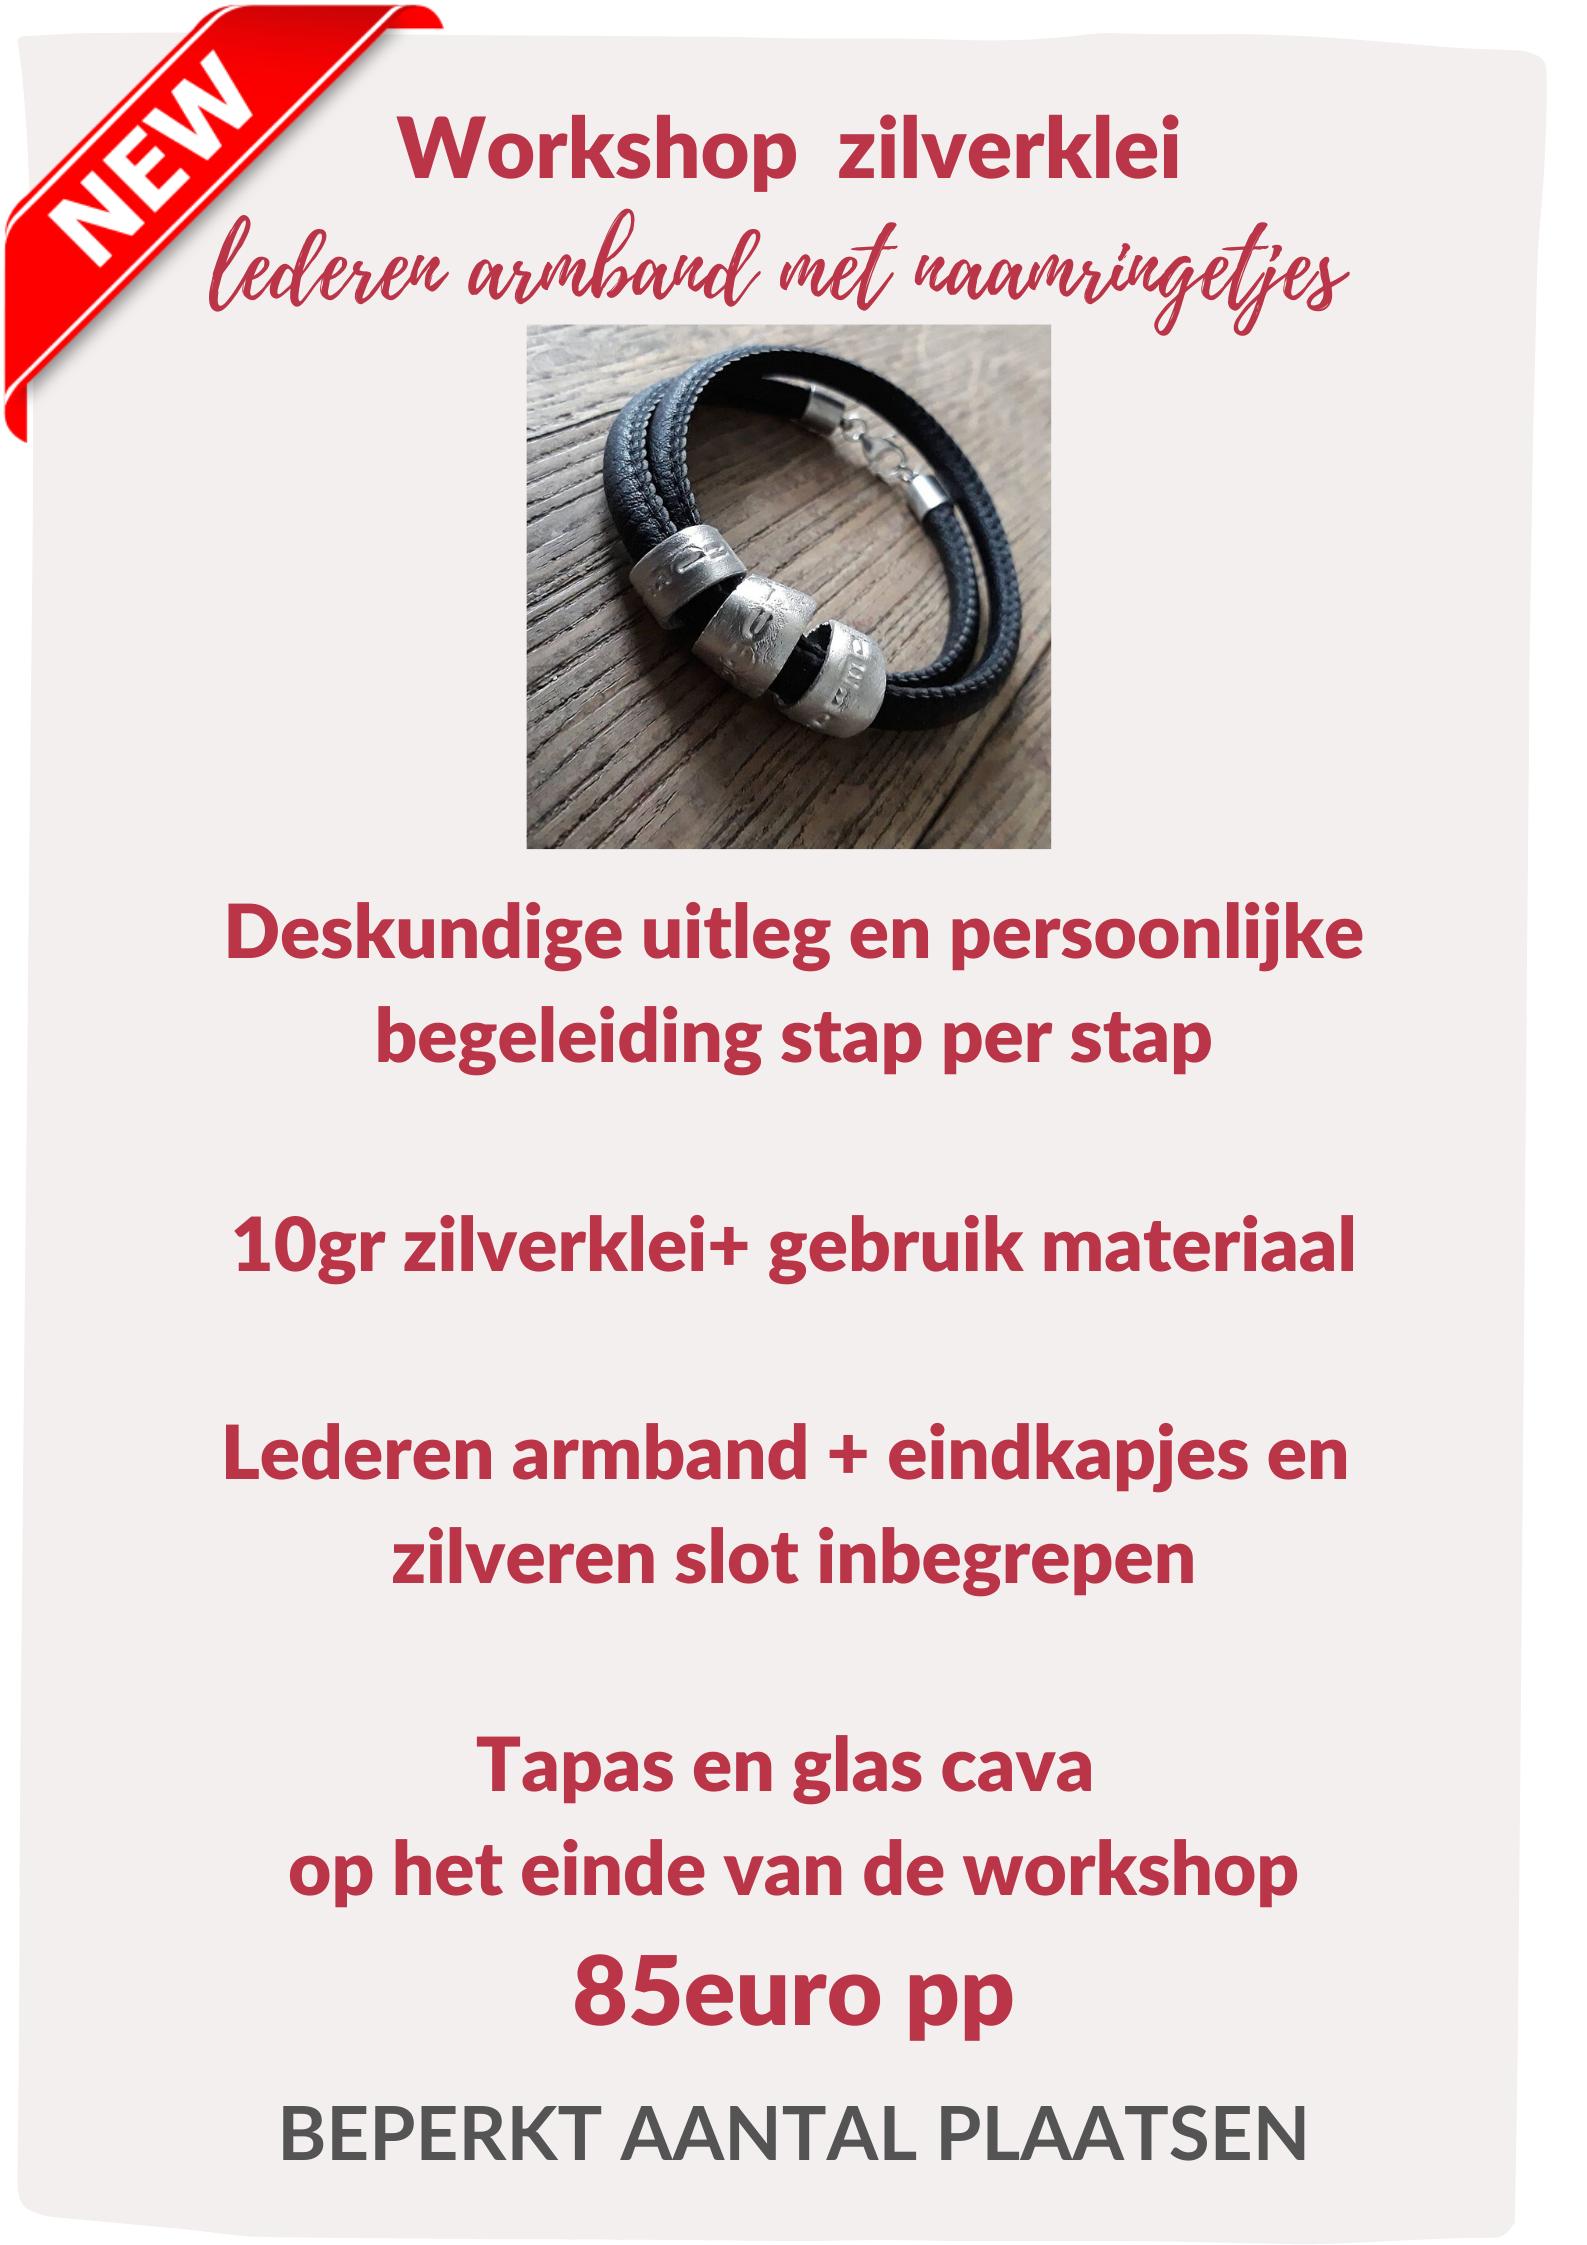 workshop zilverklei 'lederen armband met naamringetjes' 01 augustus 2020 (zaterdag) 00307